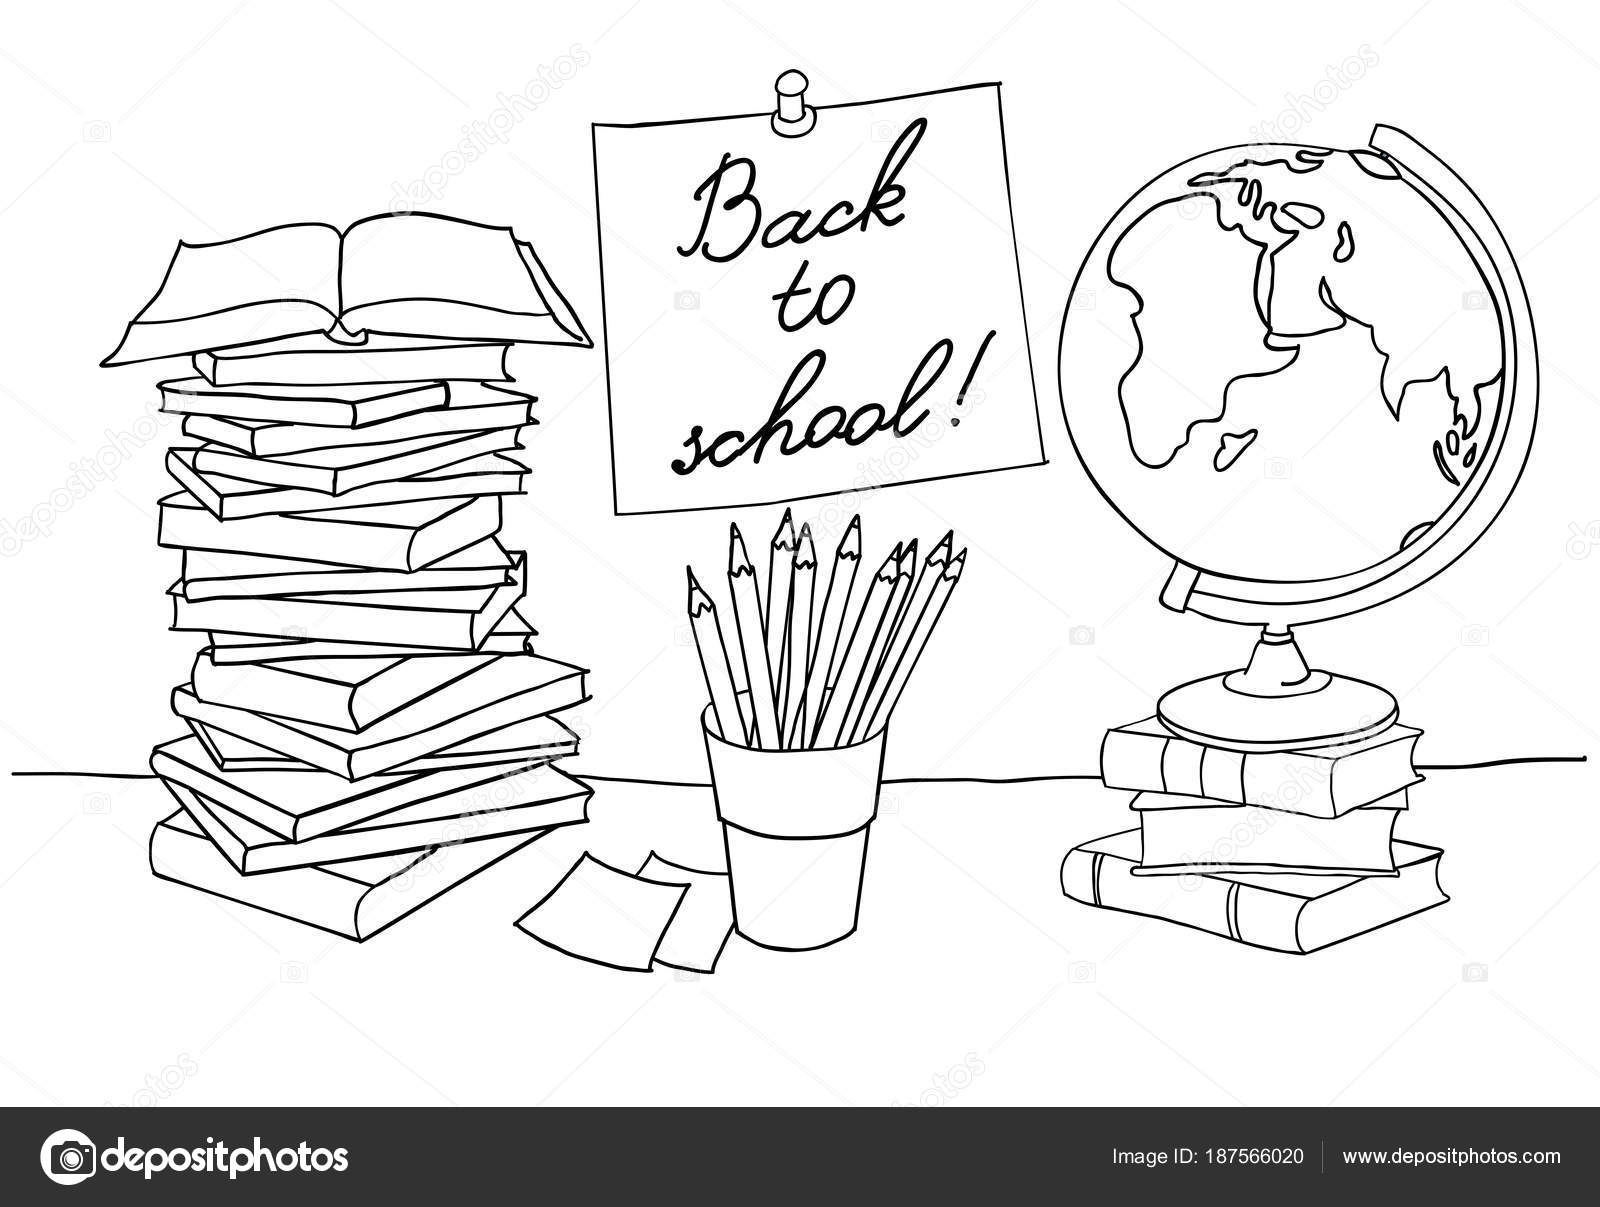 Página, regreso a la escuela para colorear — Archivo Imágenes ...